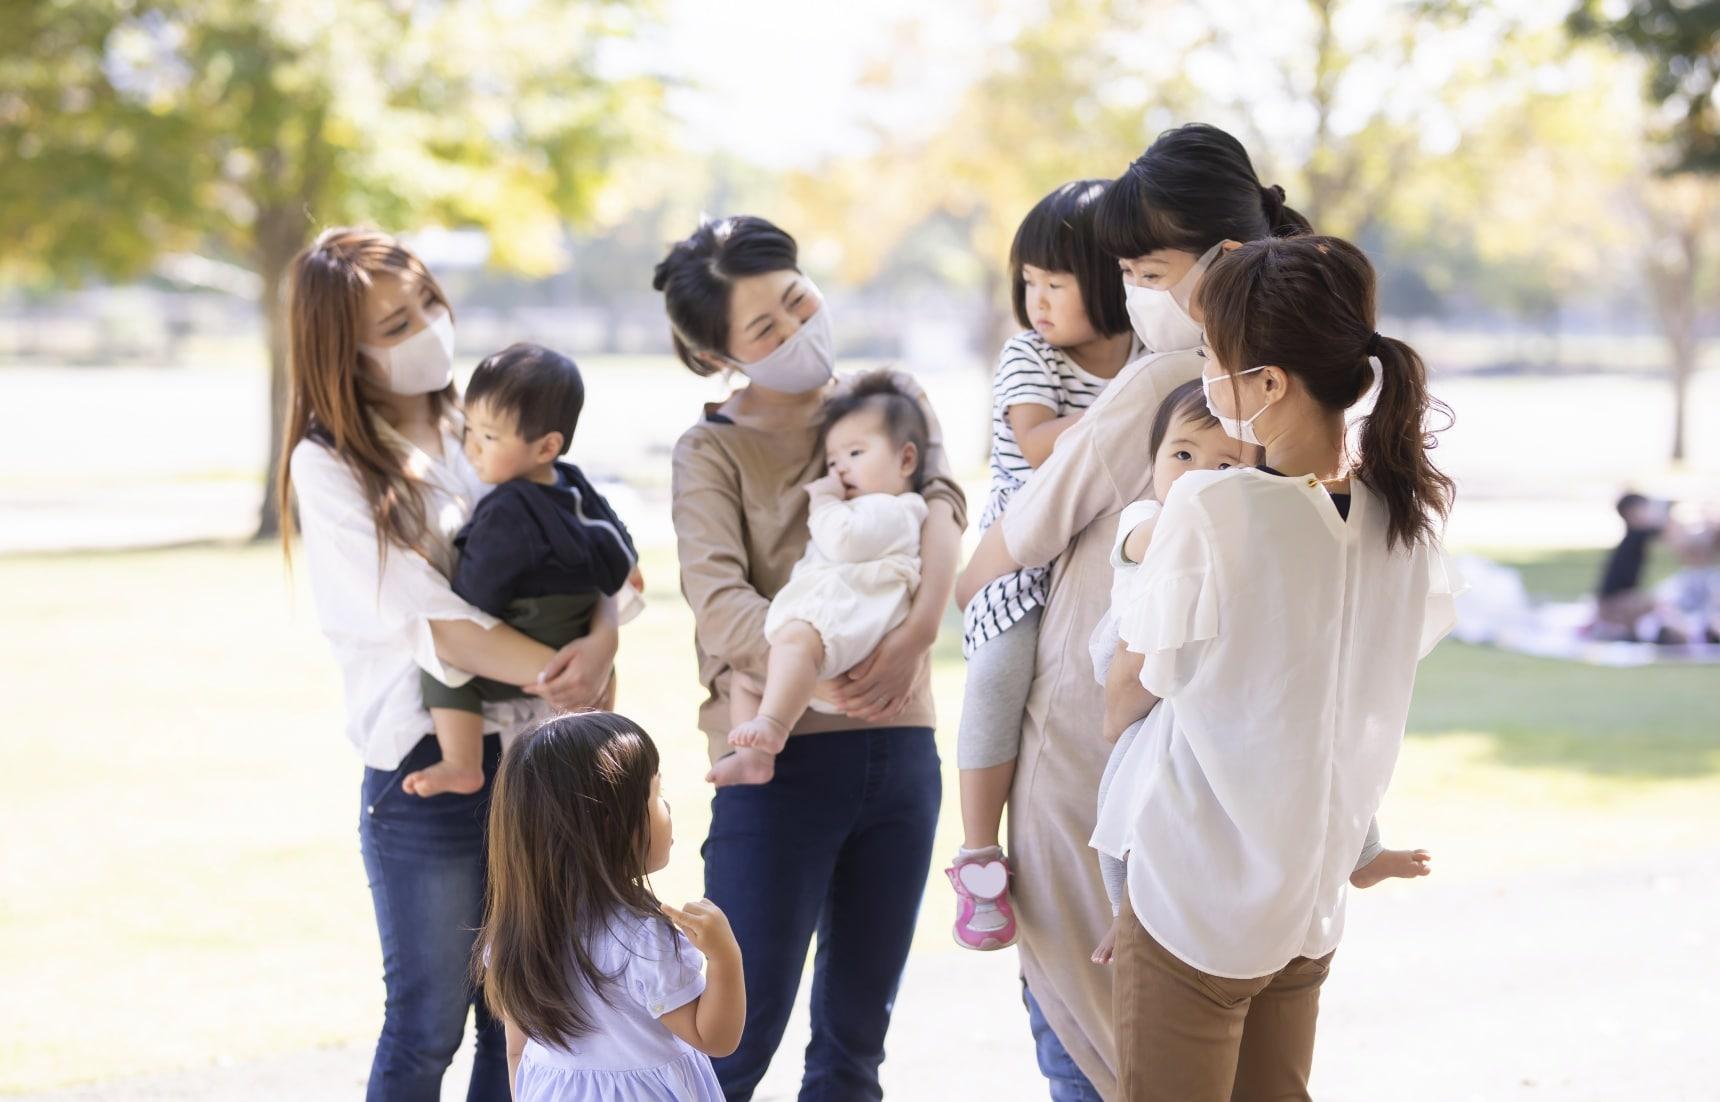 揭秘2021:疫情之下的日本东京,这里的人们经历了怎样的变化?